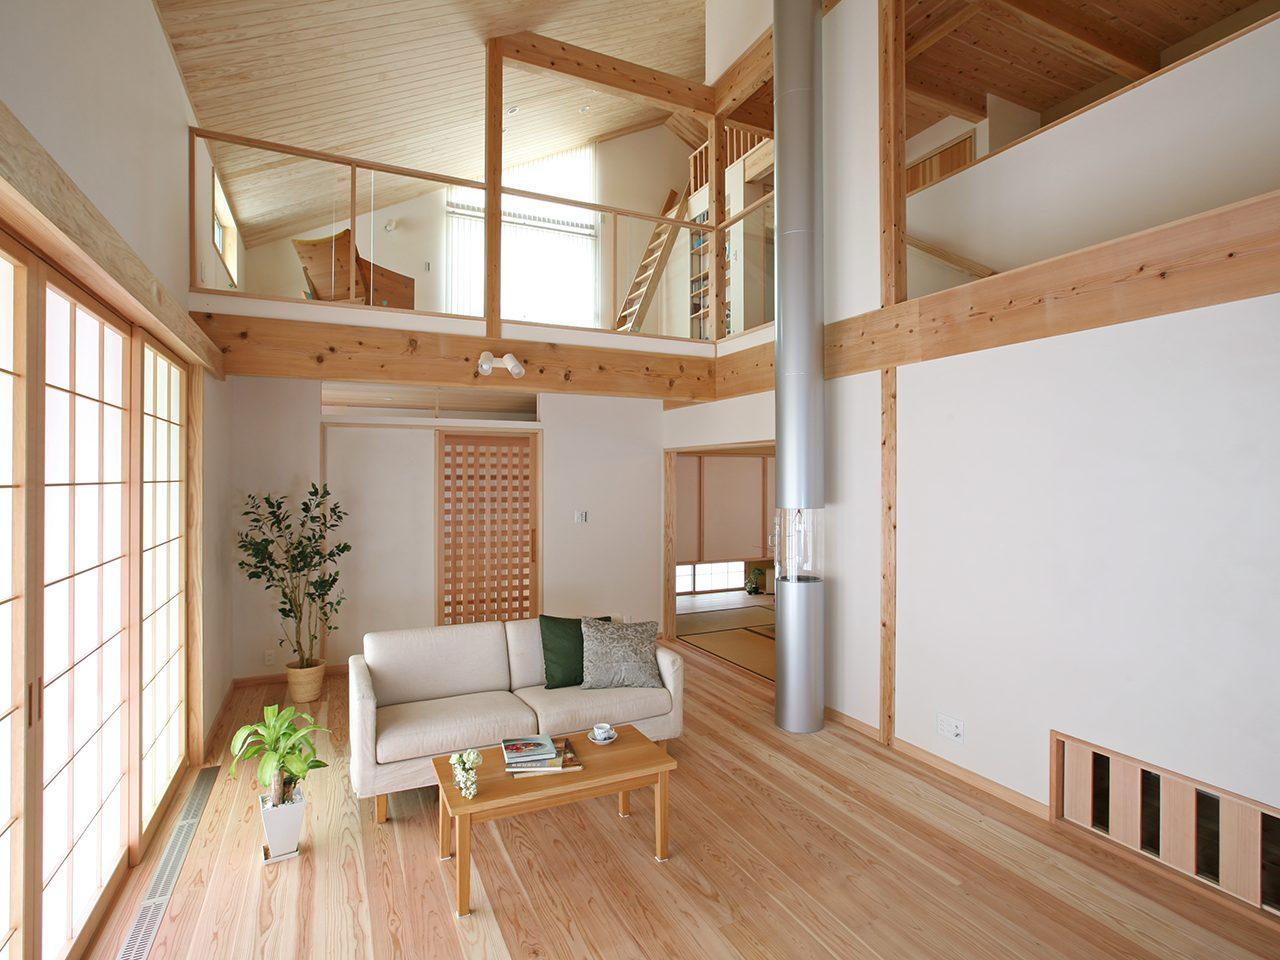 自然素材と太陽熱で床暖房、エコで気持ちの良い家。